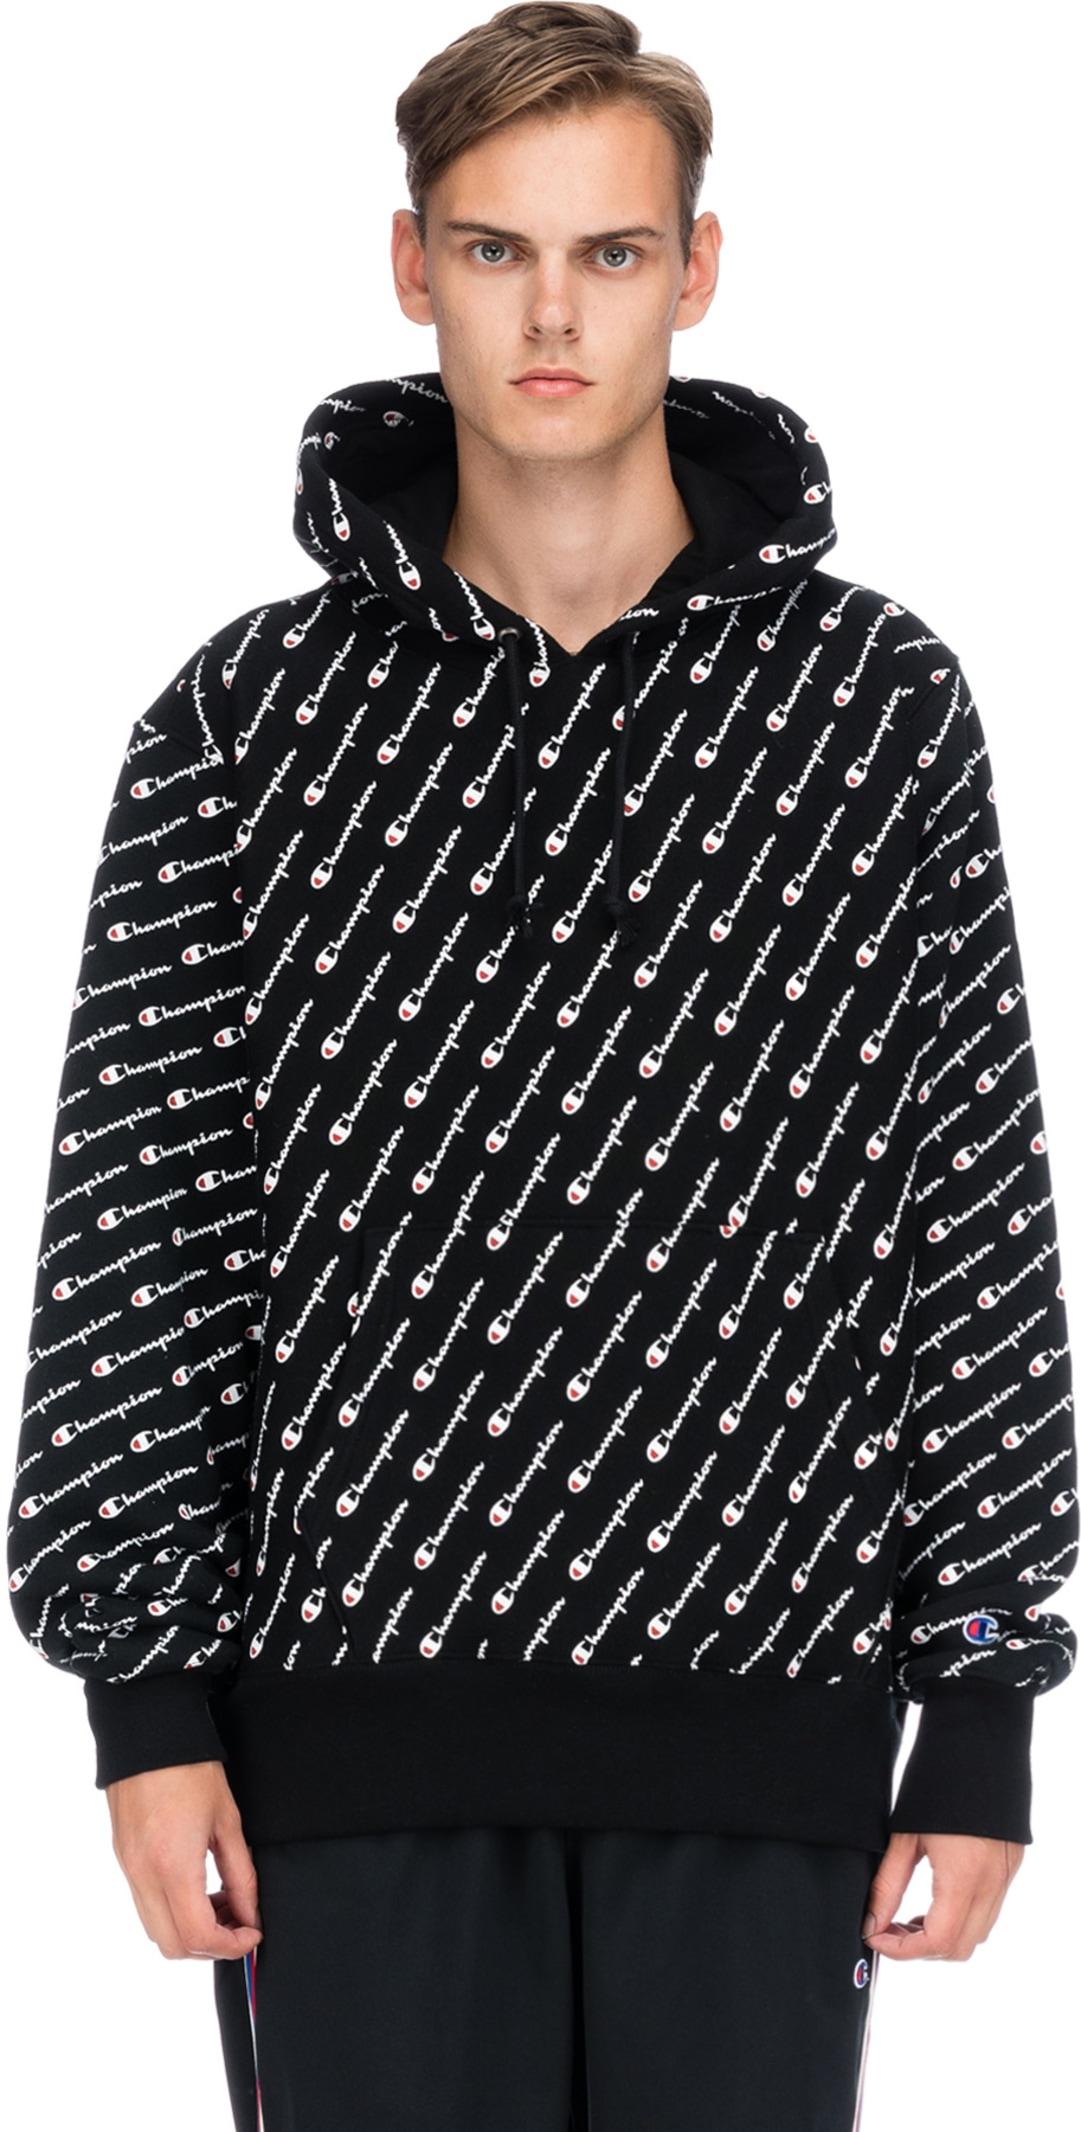 6fb512fd79da Champion  Reverse Weave Allover Logo Pullover Hoodie - Black ...